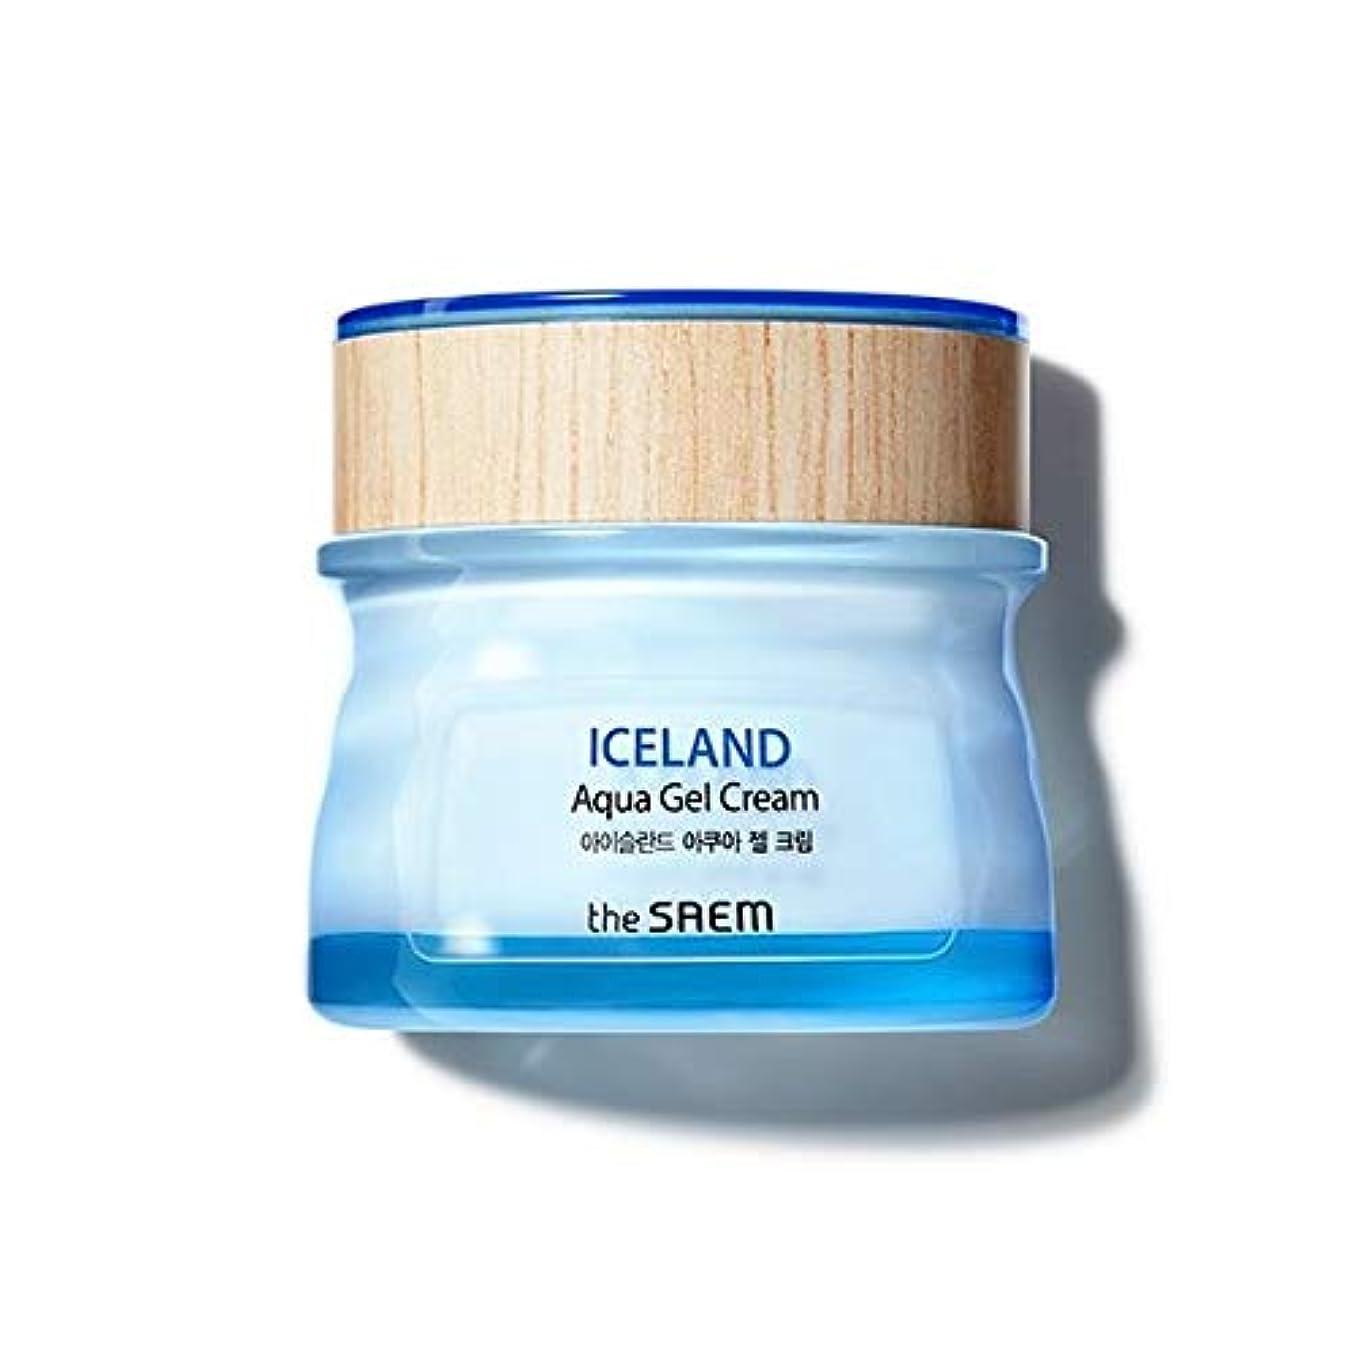 カウンタこする後方The saem Iceland Aqua Gel Cream ザセム アイスランド アクア ジェル クリーム 60ml [並行輸入品]